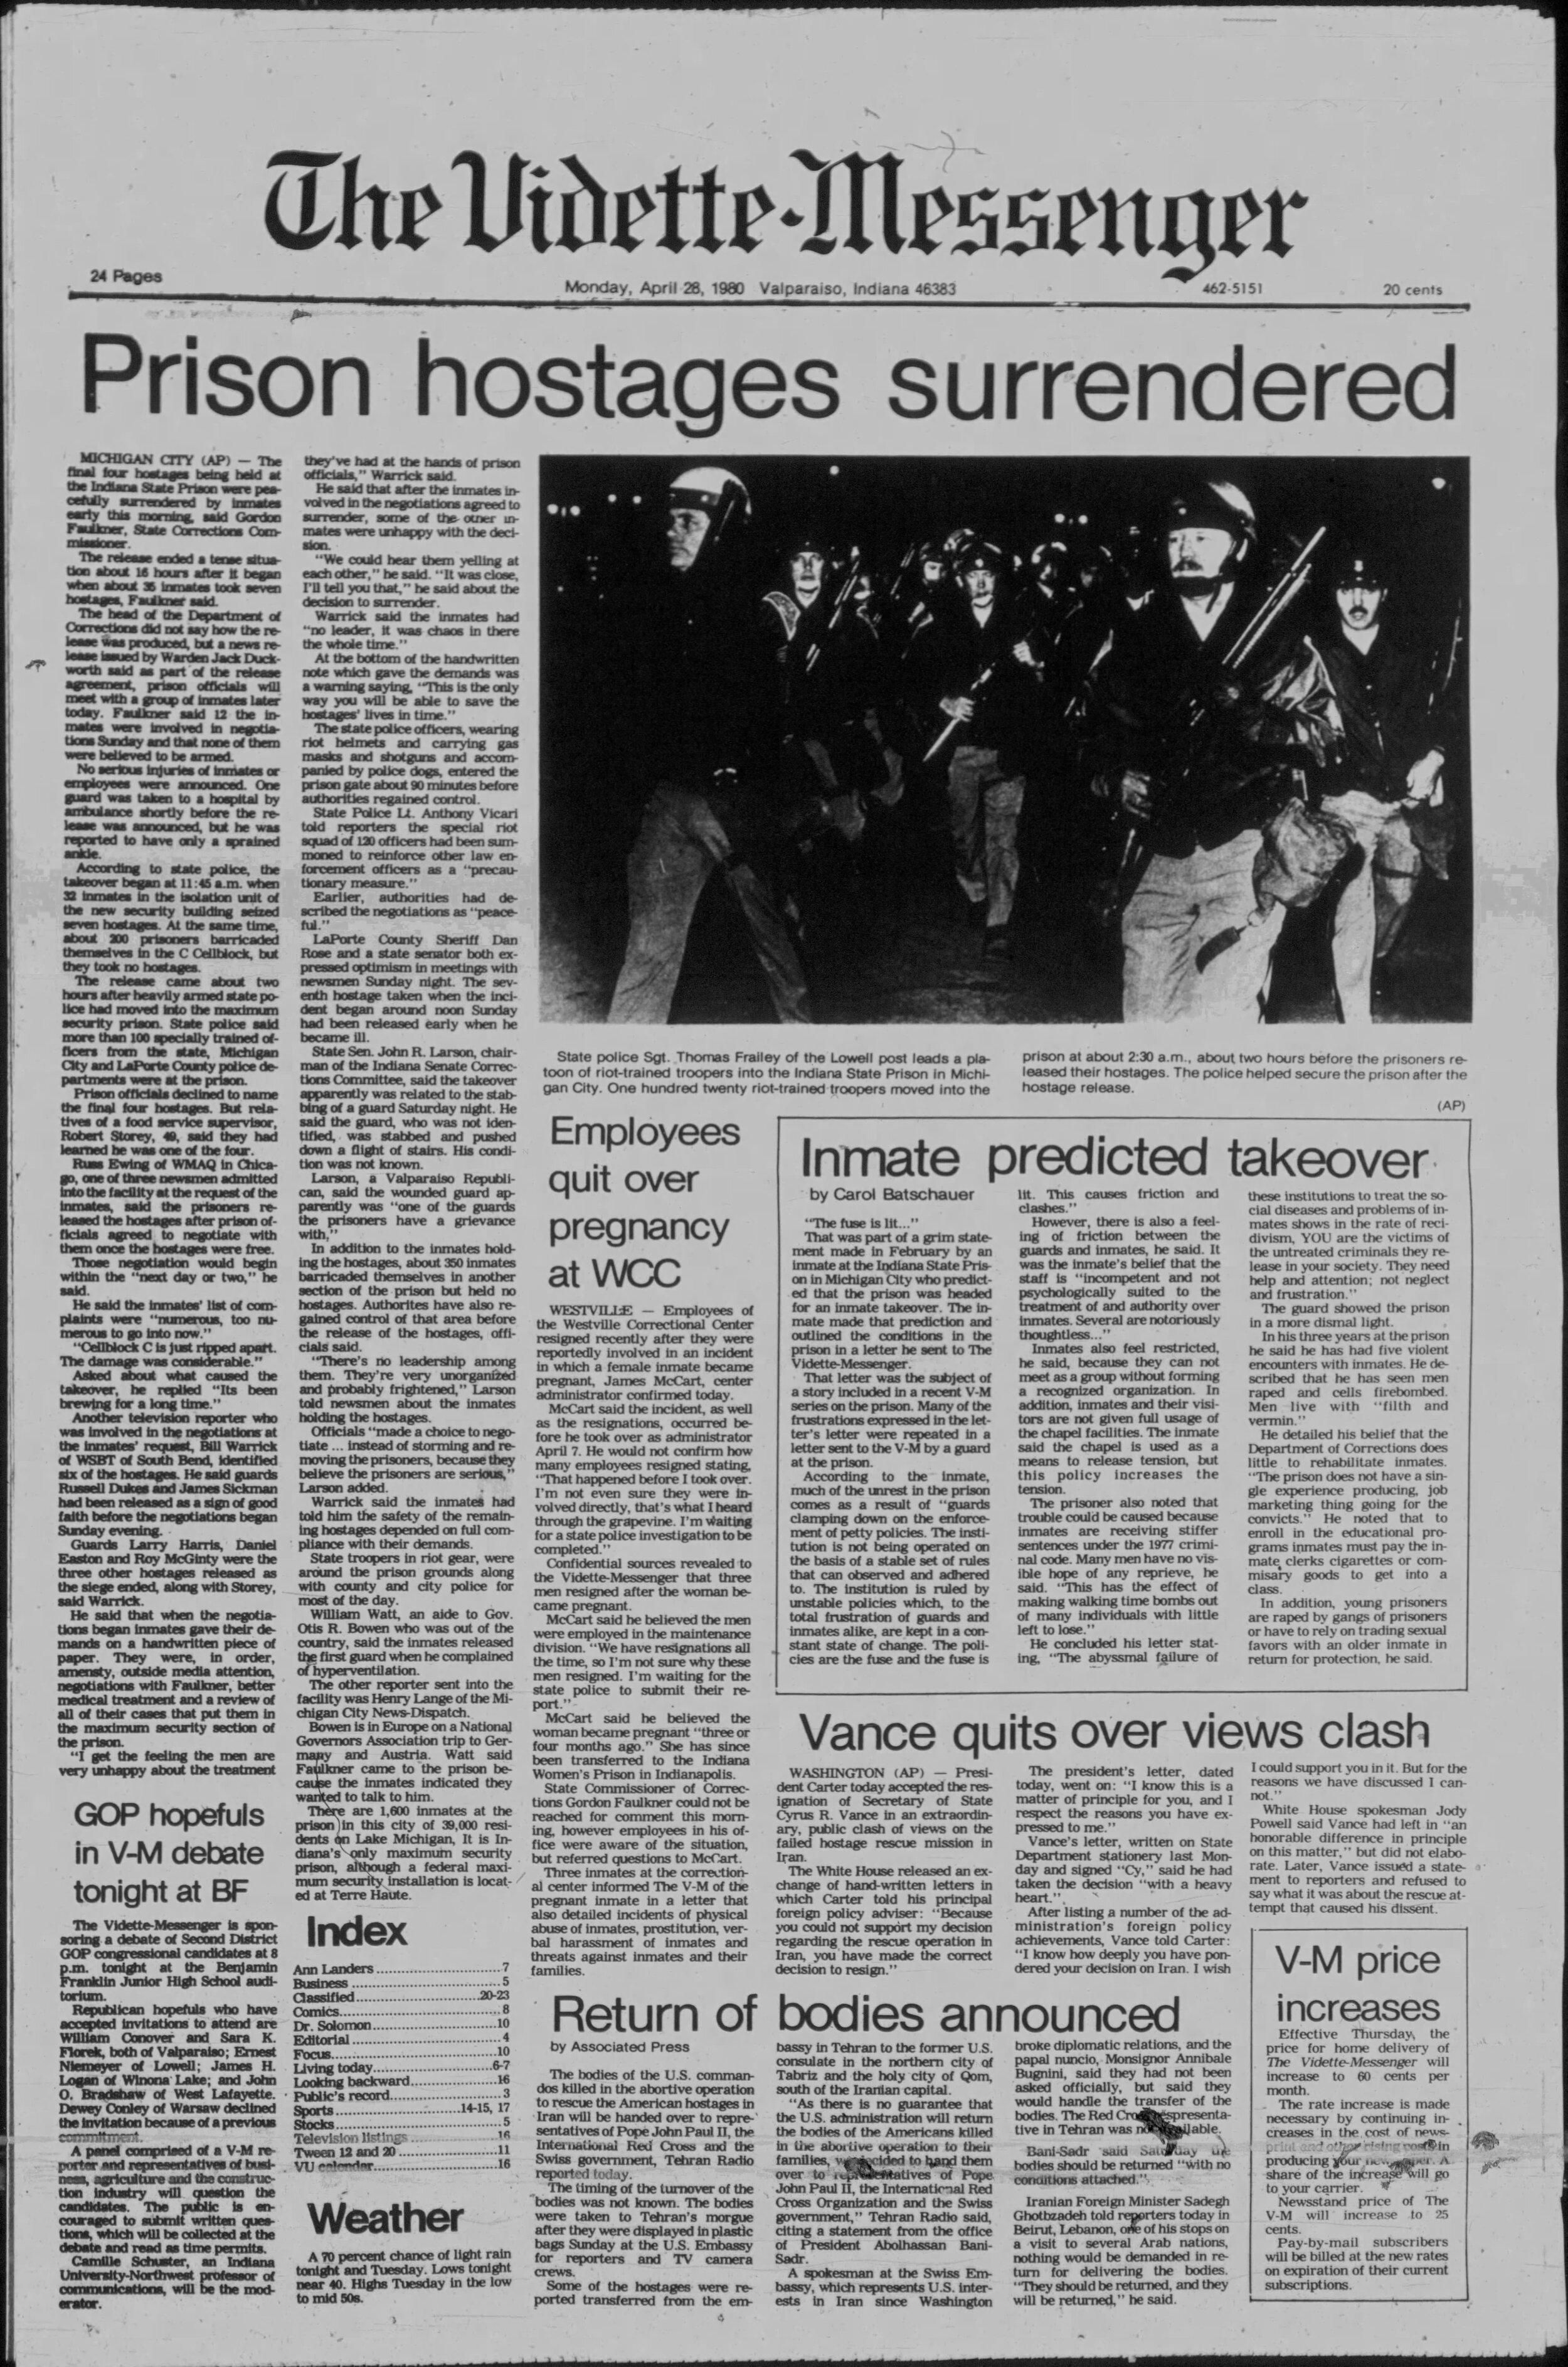 Vidette_Messenger_of_Porter_County_Mon__Apr_28__1980_.jpg